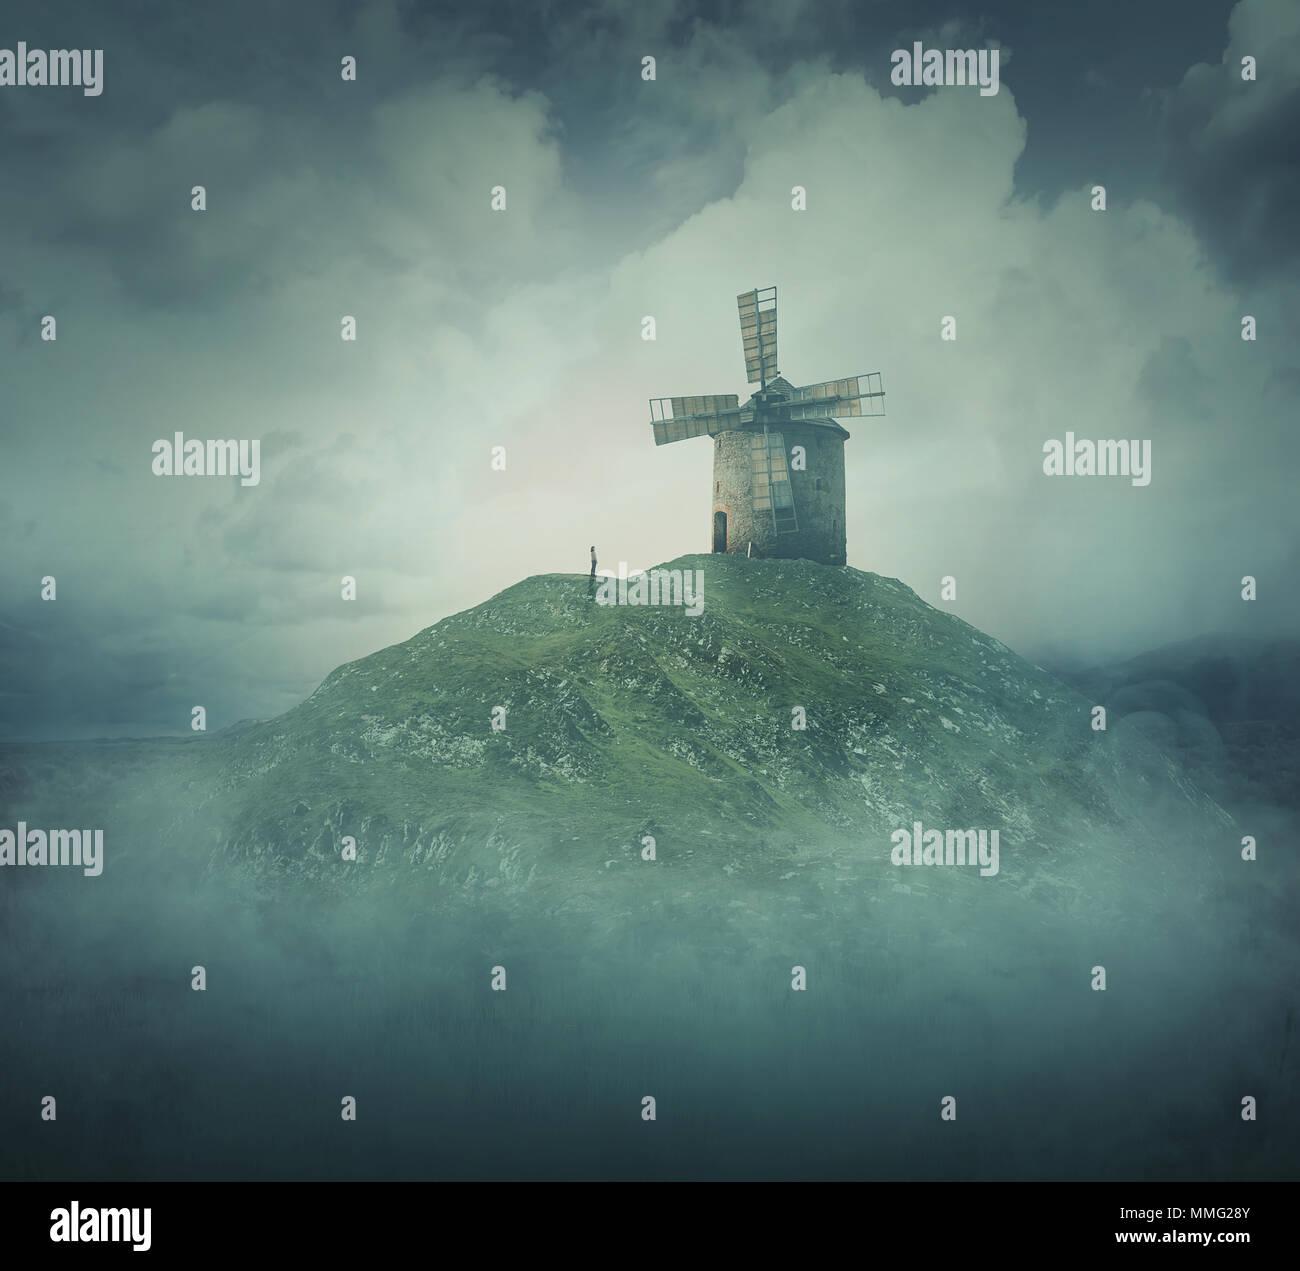 Landschaft als mädchen silhouette stehen vor einer alten Windmühle auf der Spitze eines Hügels, umgeben von Nebel und Wolken wandern. Leben Reise Konzept, st Stockbild